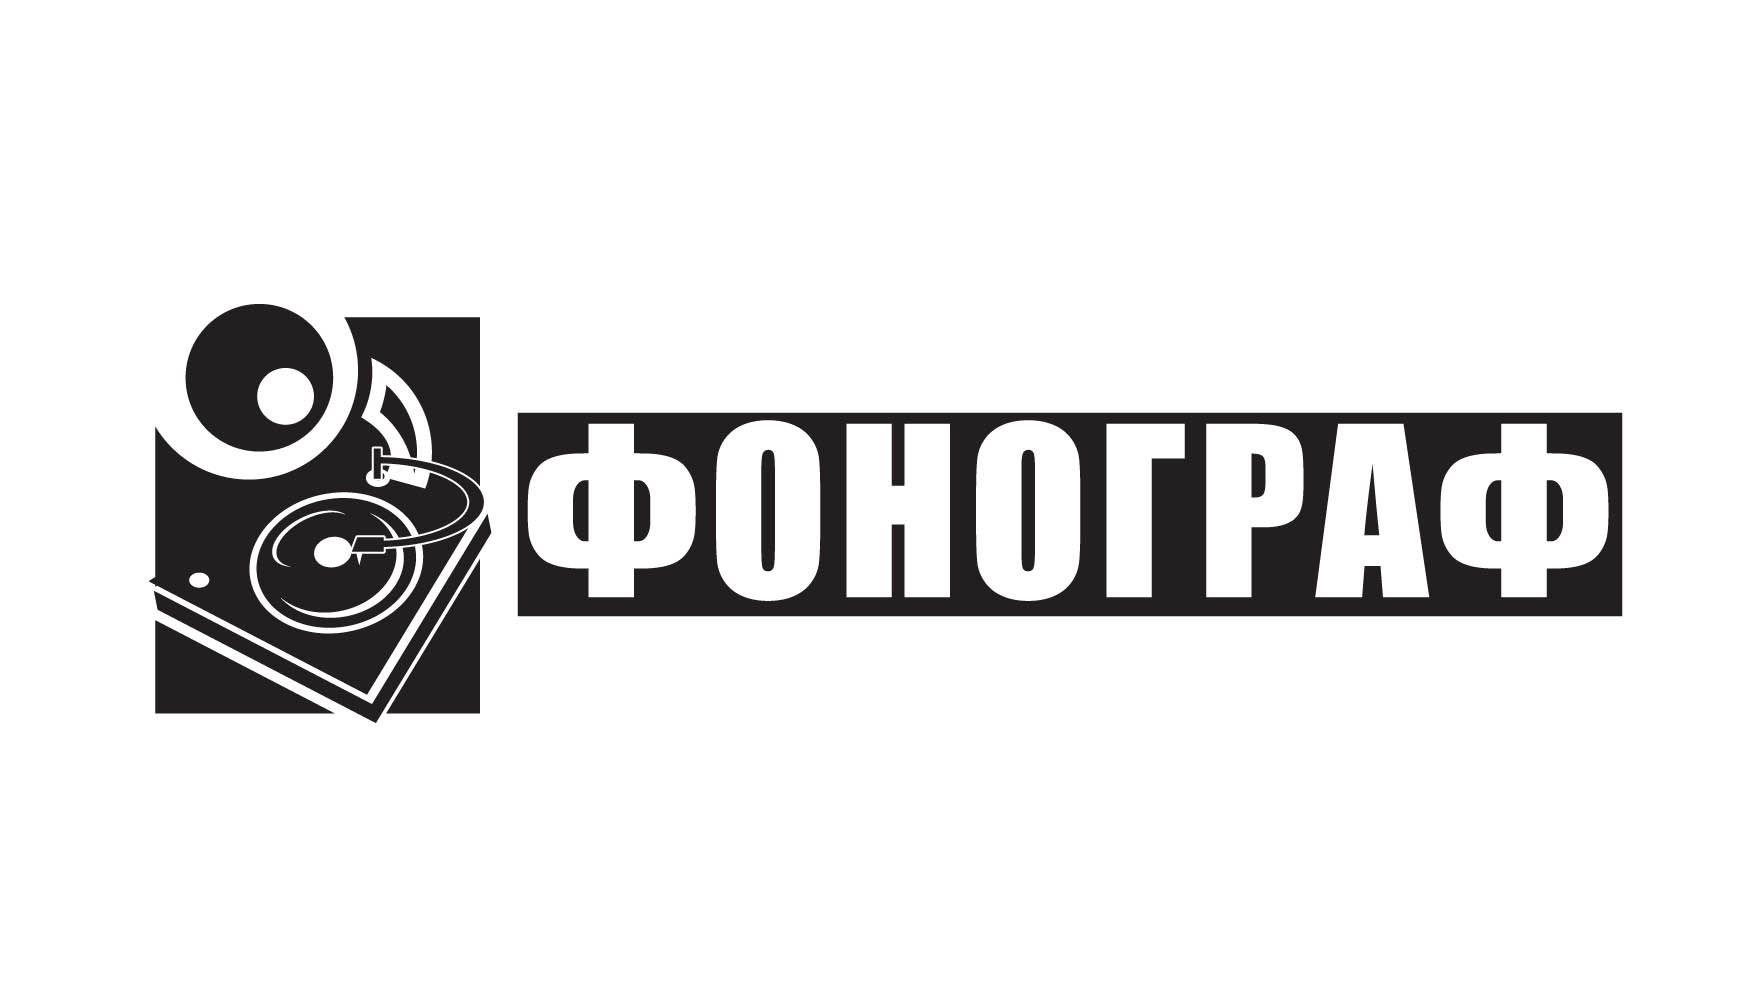 Лого и ФС для магазина аудиотехники - дизайнер LiXoOnshade